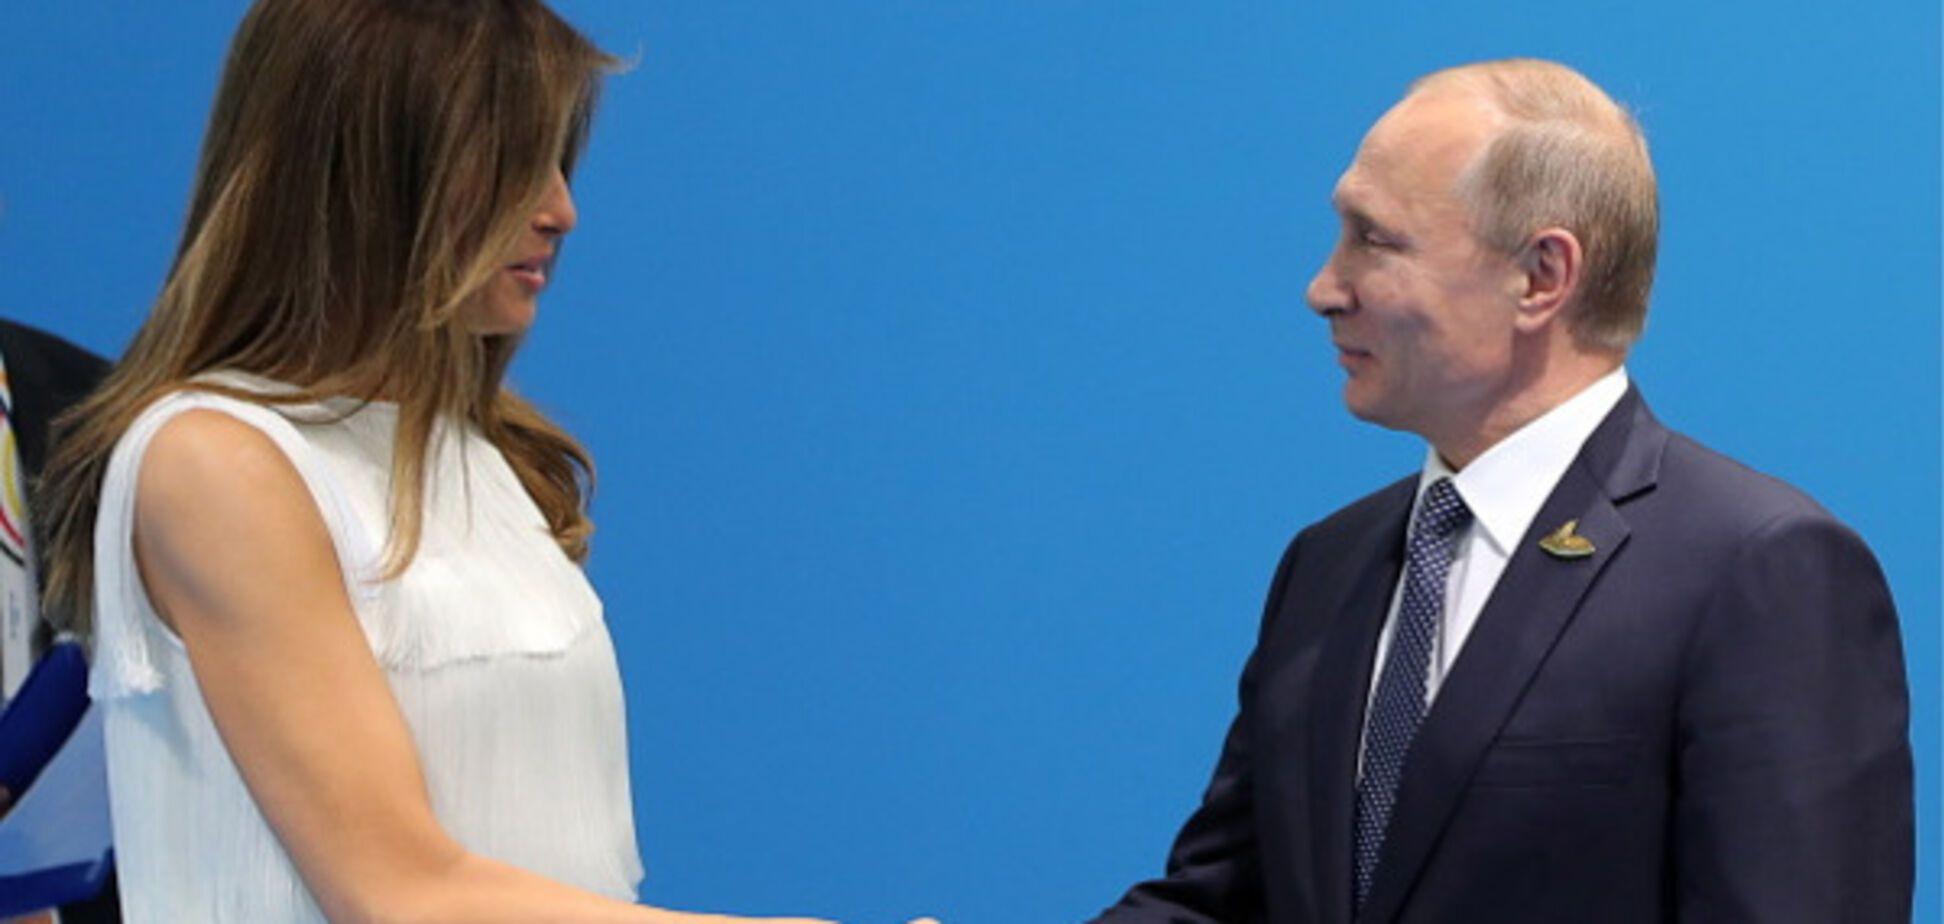 Меланія Трамп і Володимир Путін